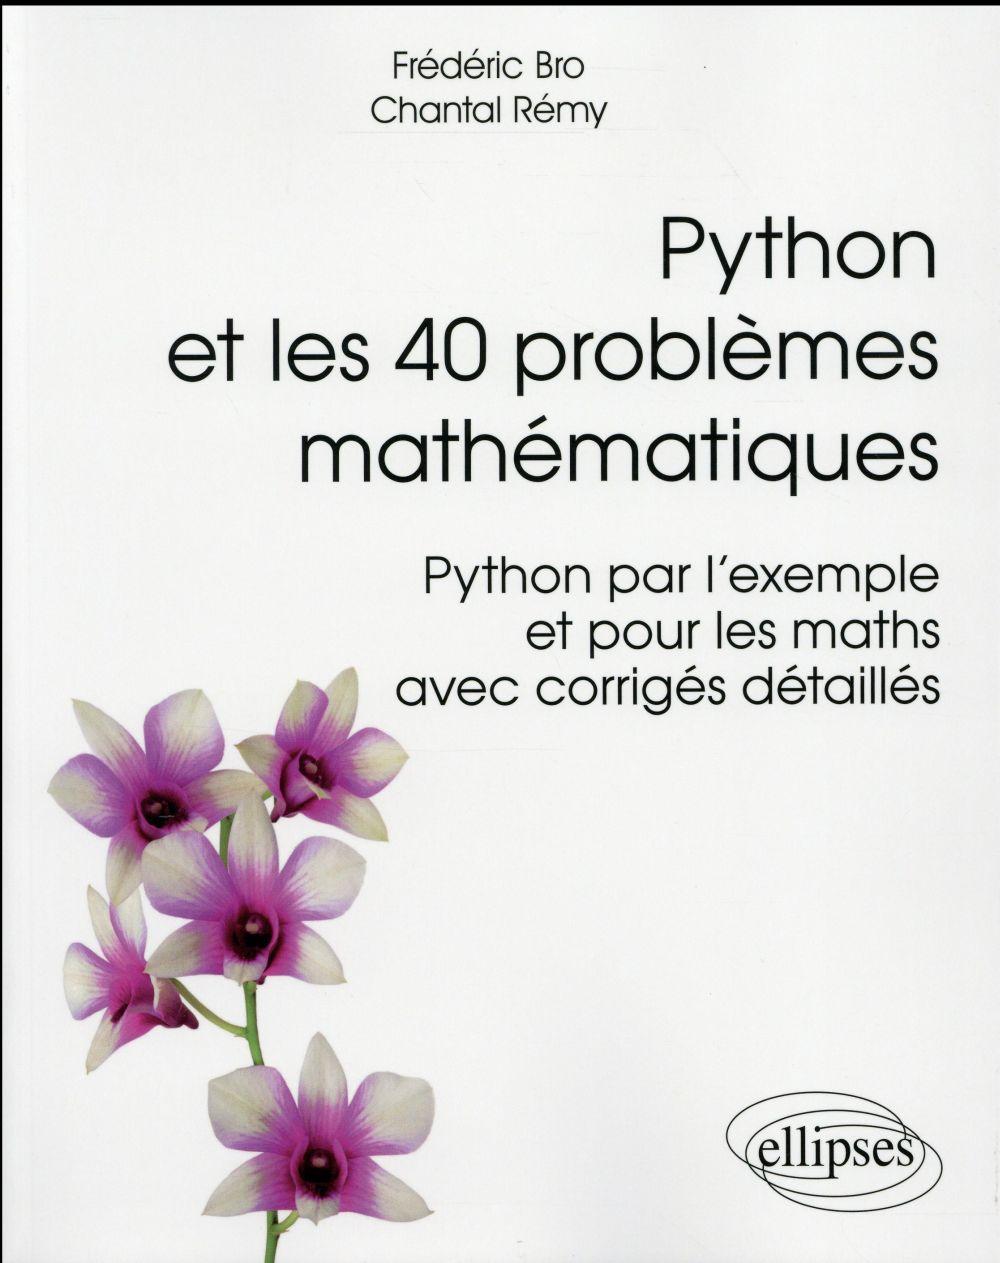 Rémy Chantal - Python et les 40 problèmes mathématiques